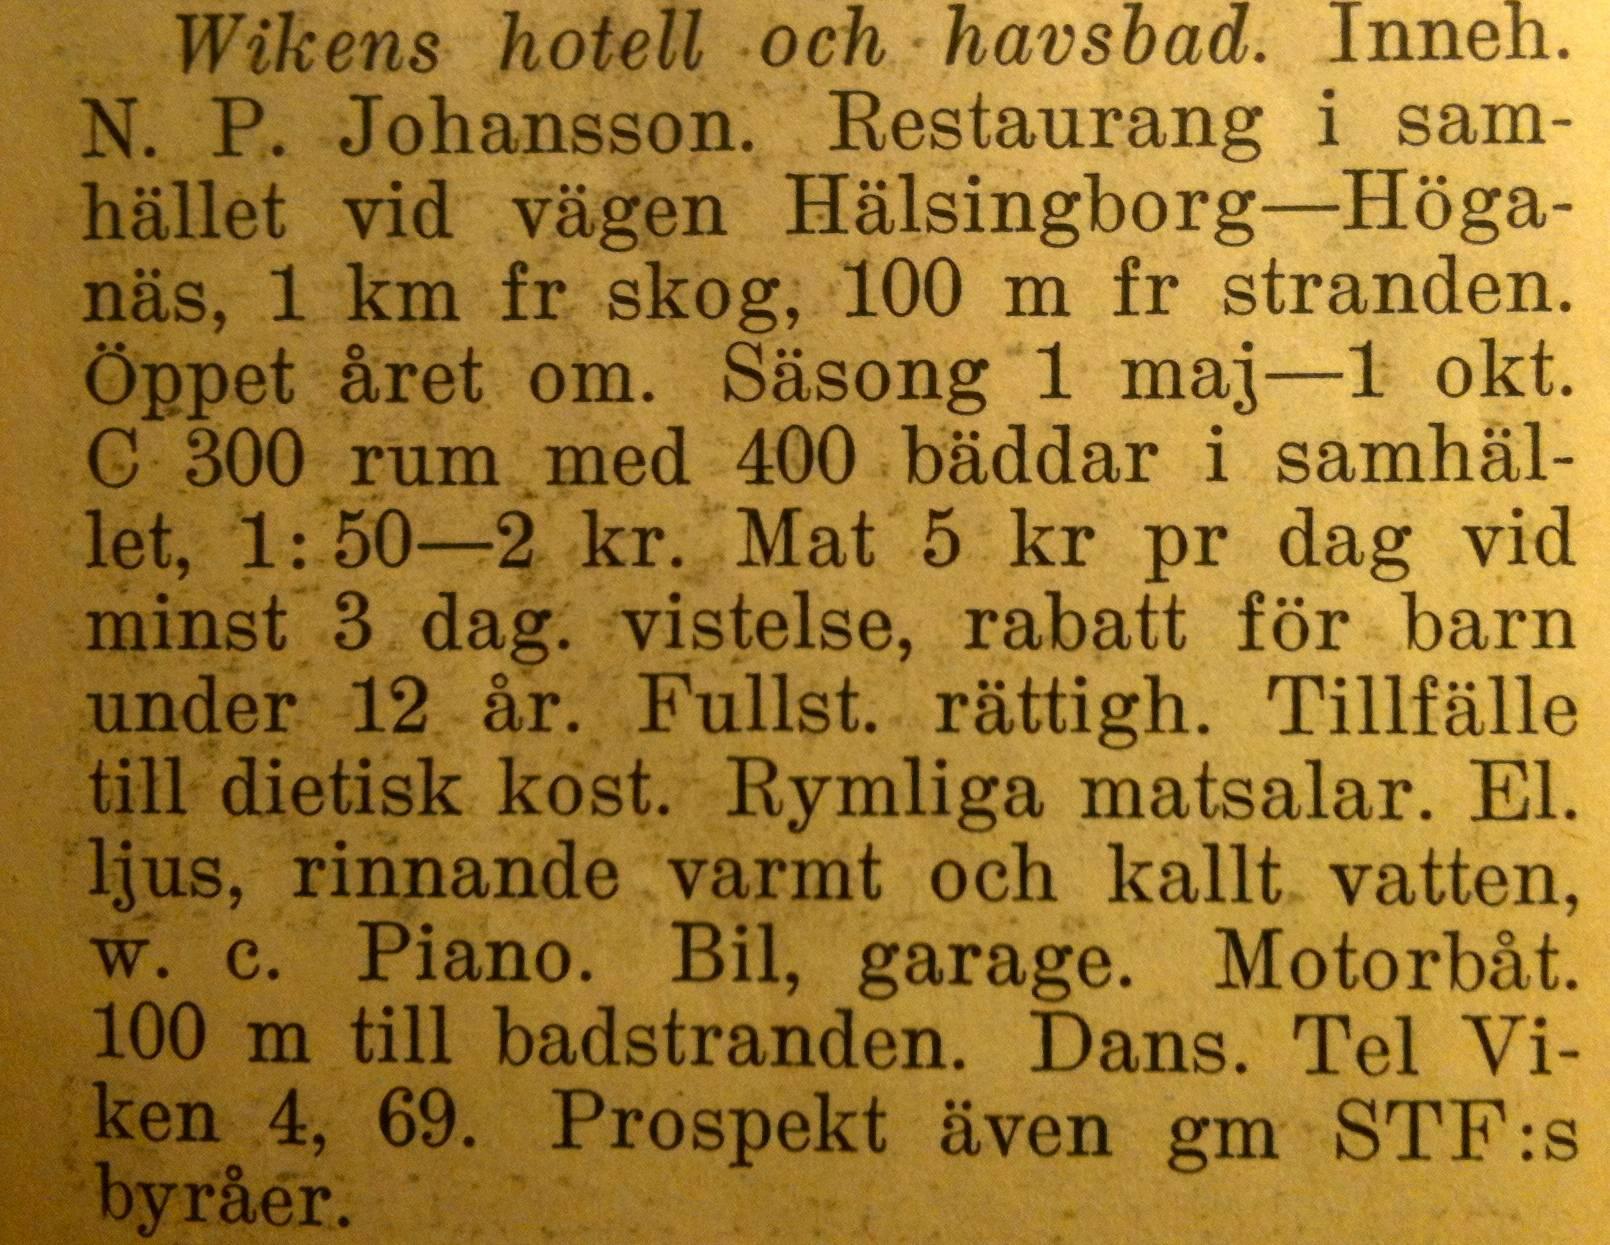 Wikens hotell och havsbad 1941